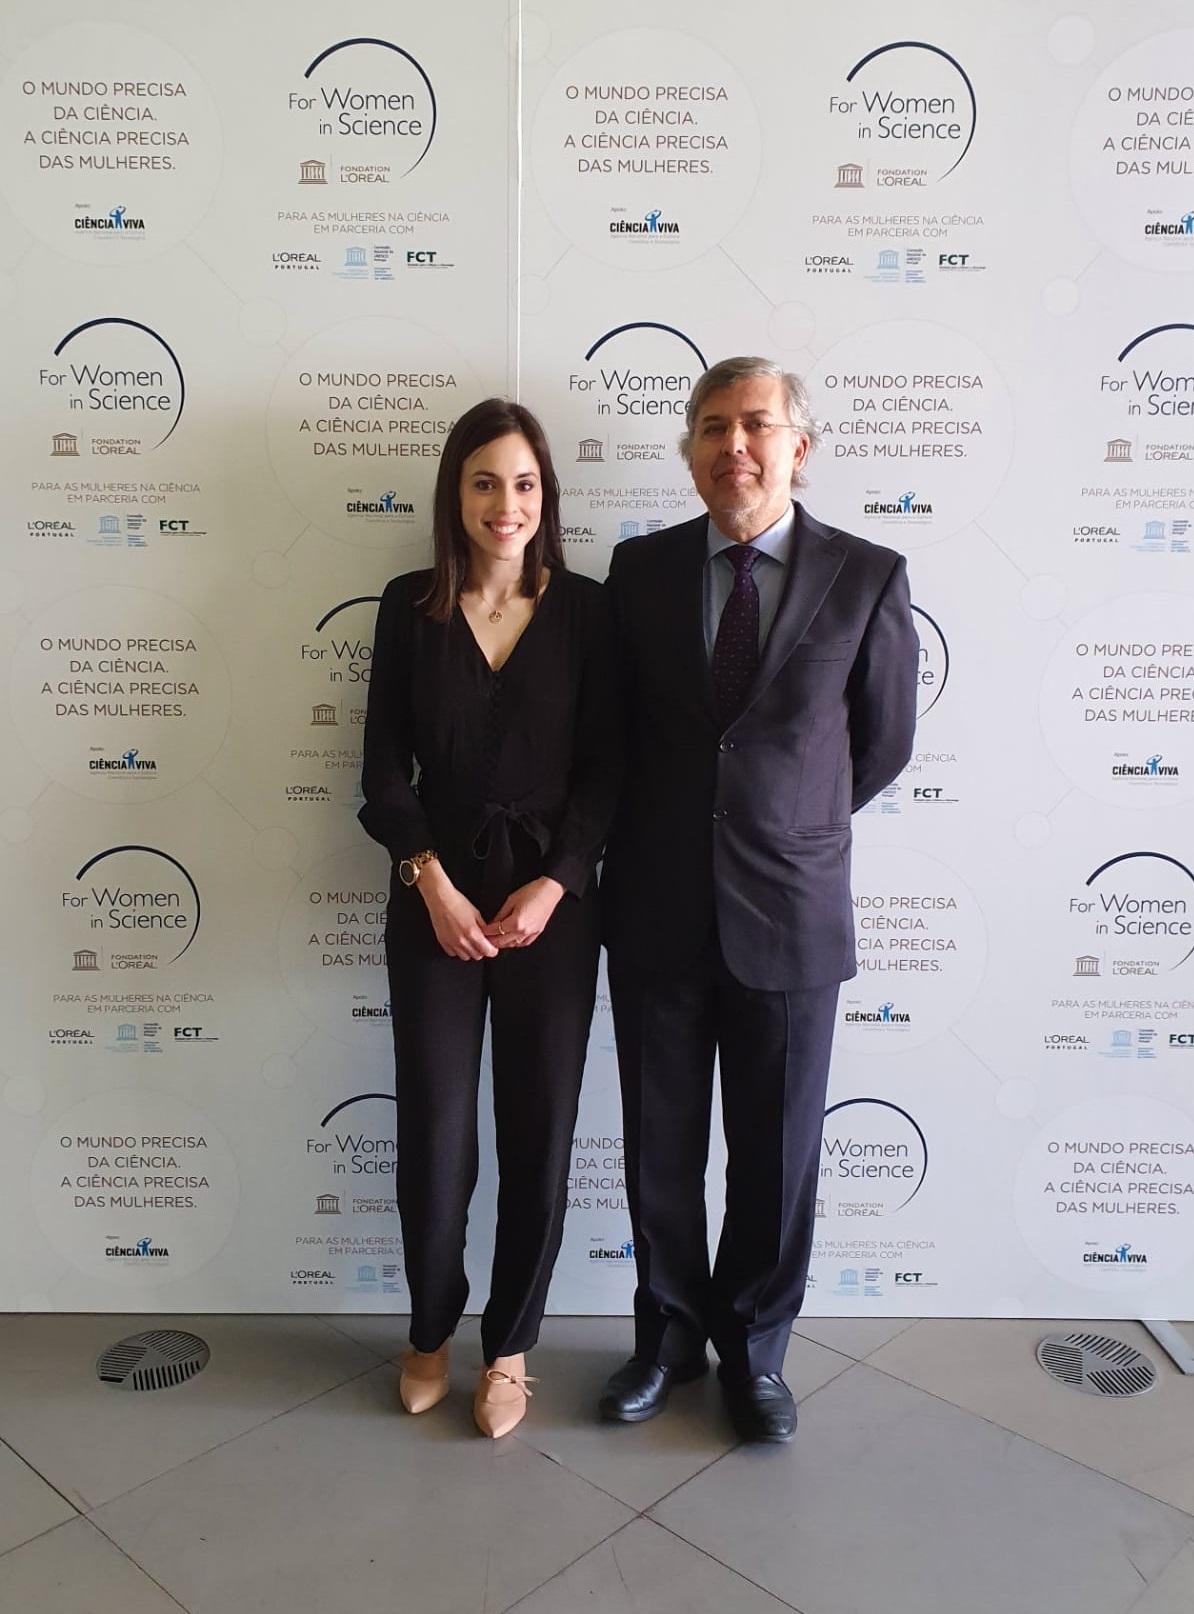 Diana Priscila Pires com o vice-reitor Eugénio Campos Ferreira